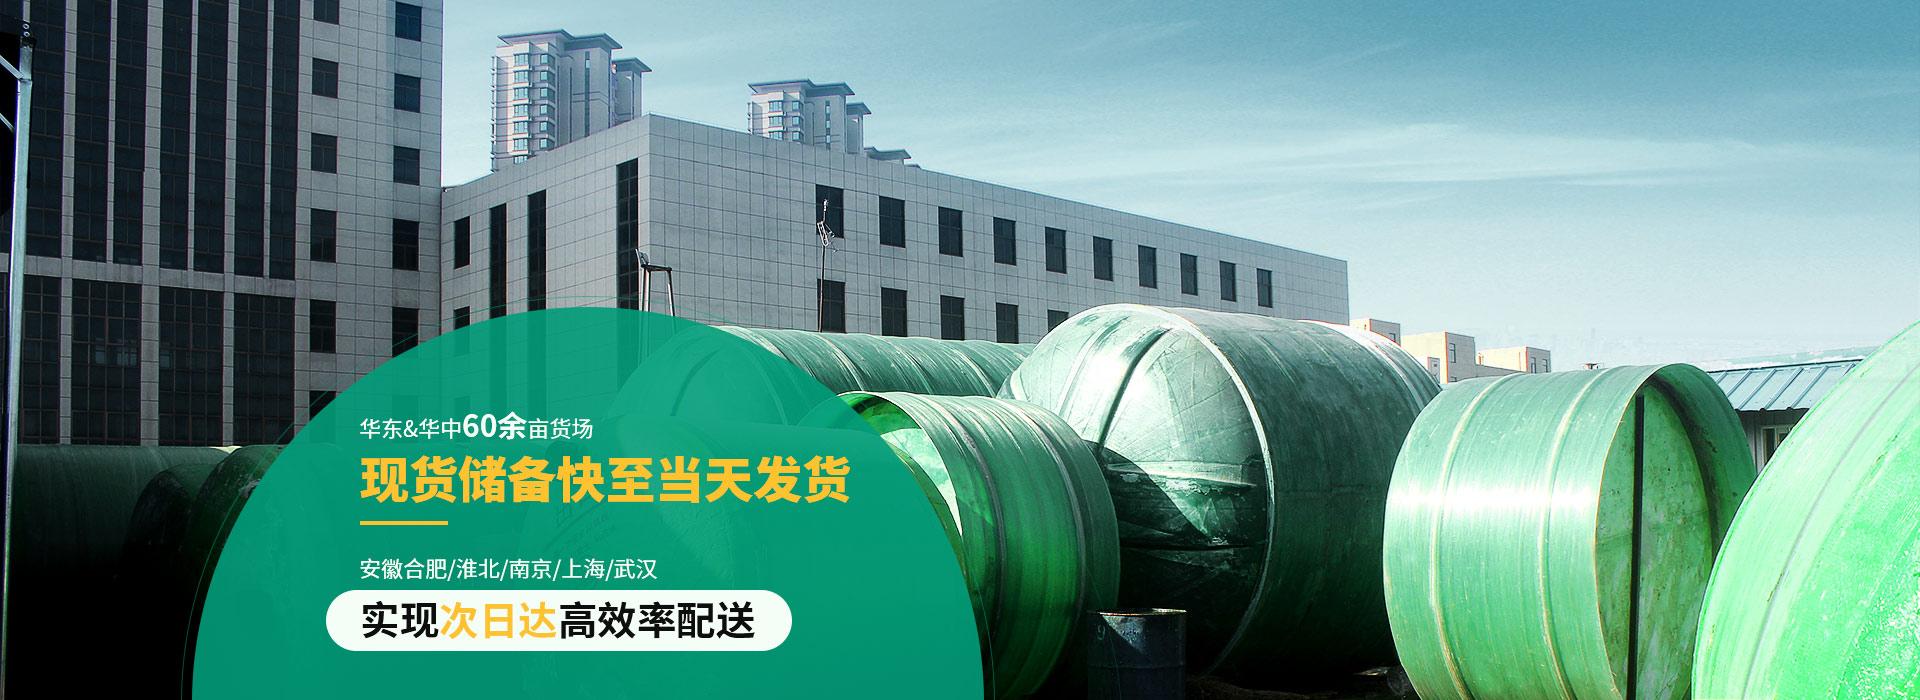 安徽清飞华东&华中5大货场、现货储备快至当天发货